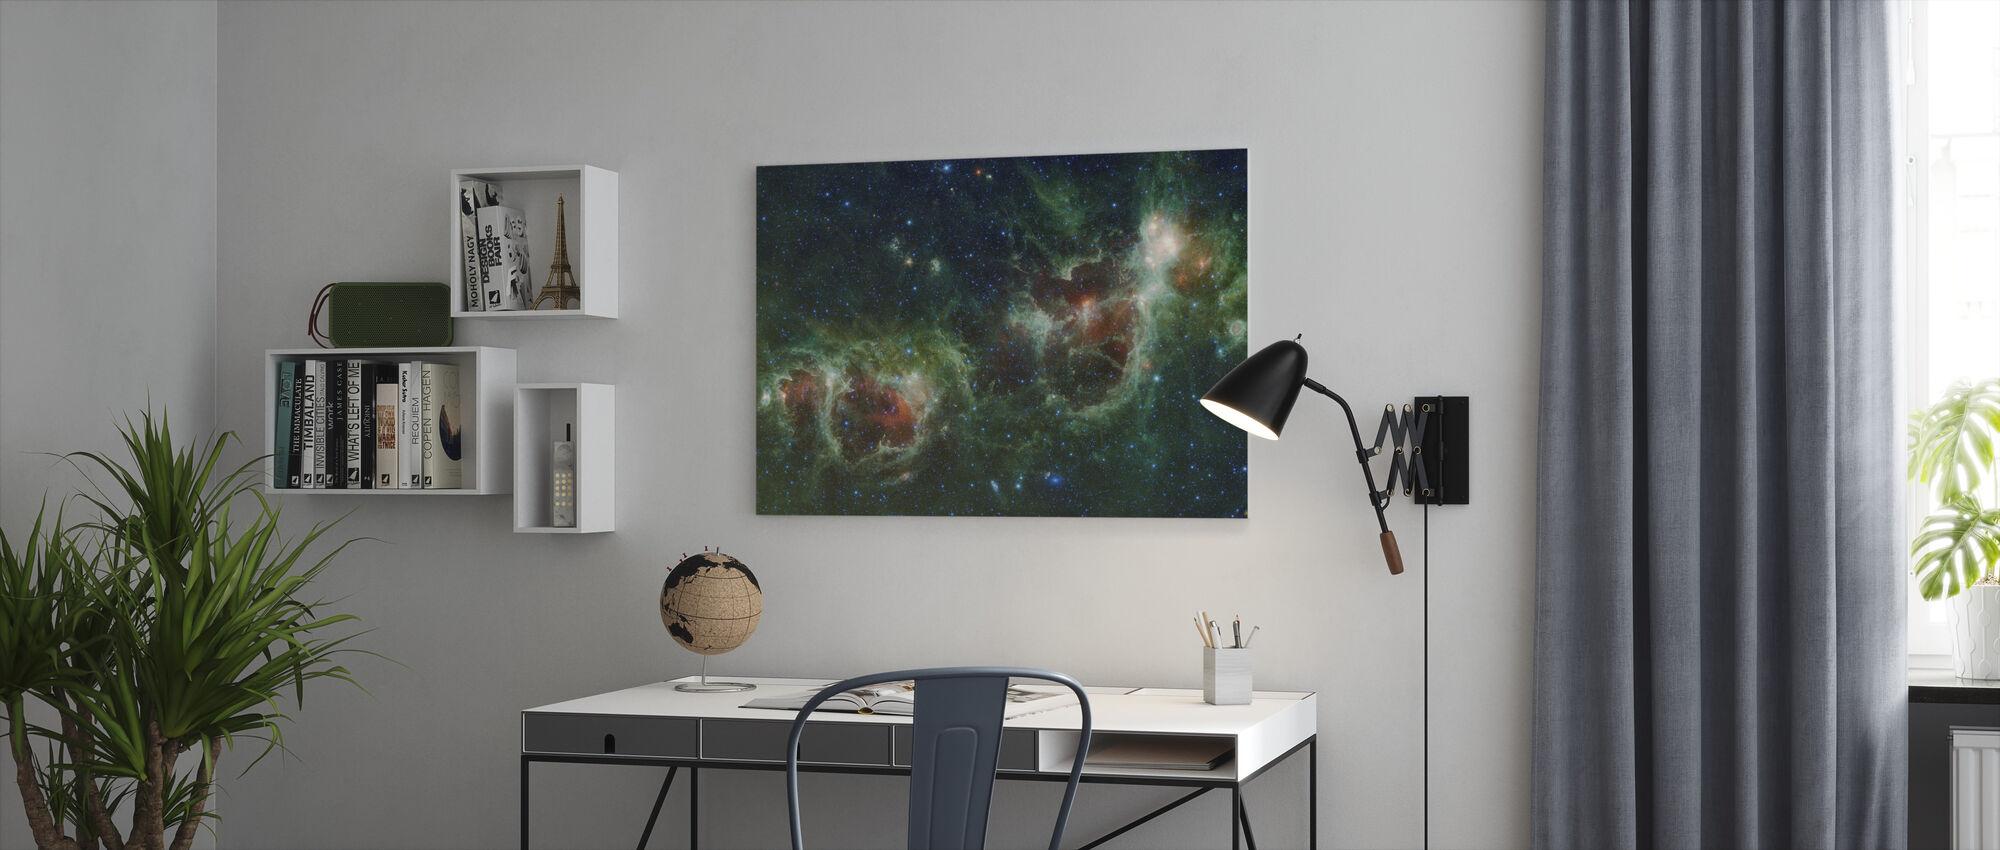 Kosmos ydre rum - Billede på lærred - Kontor